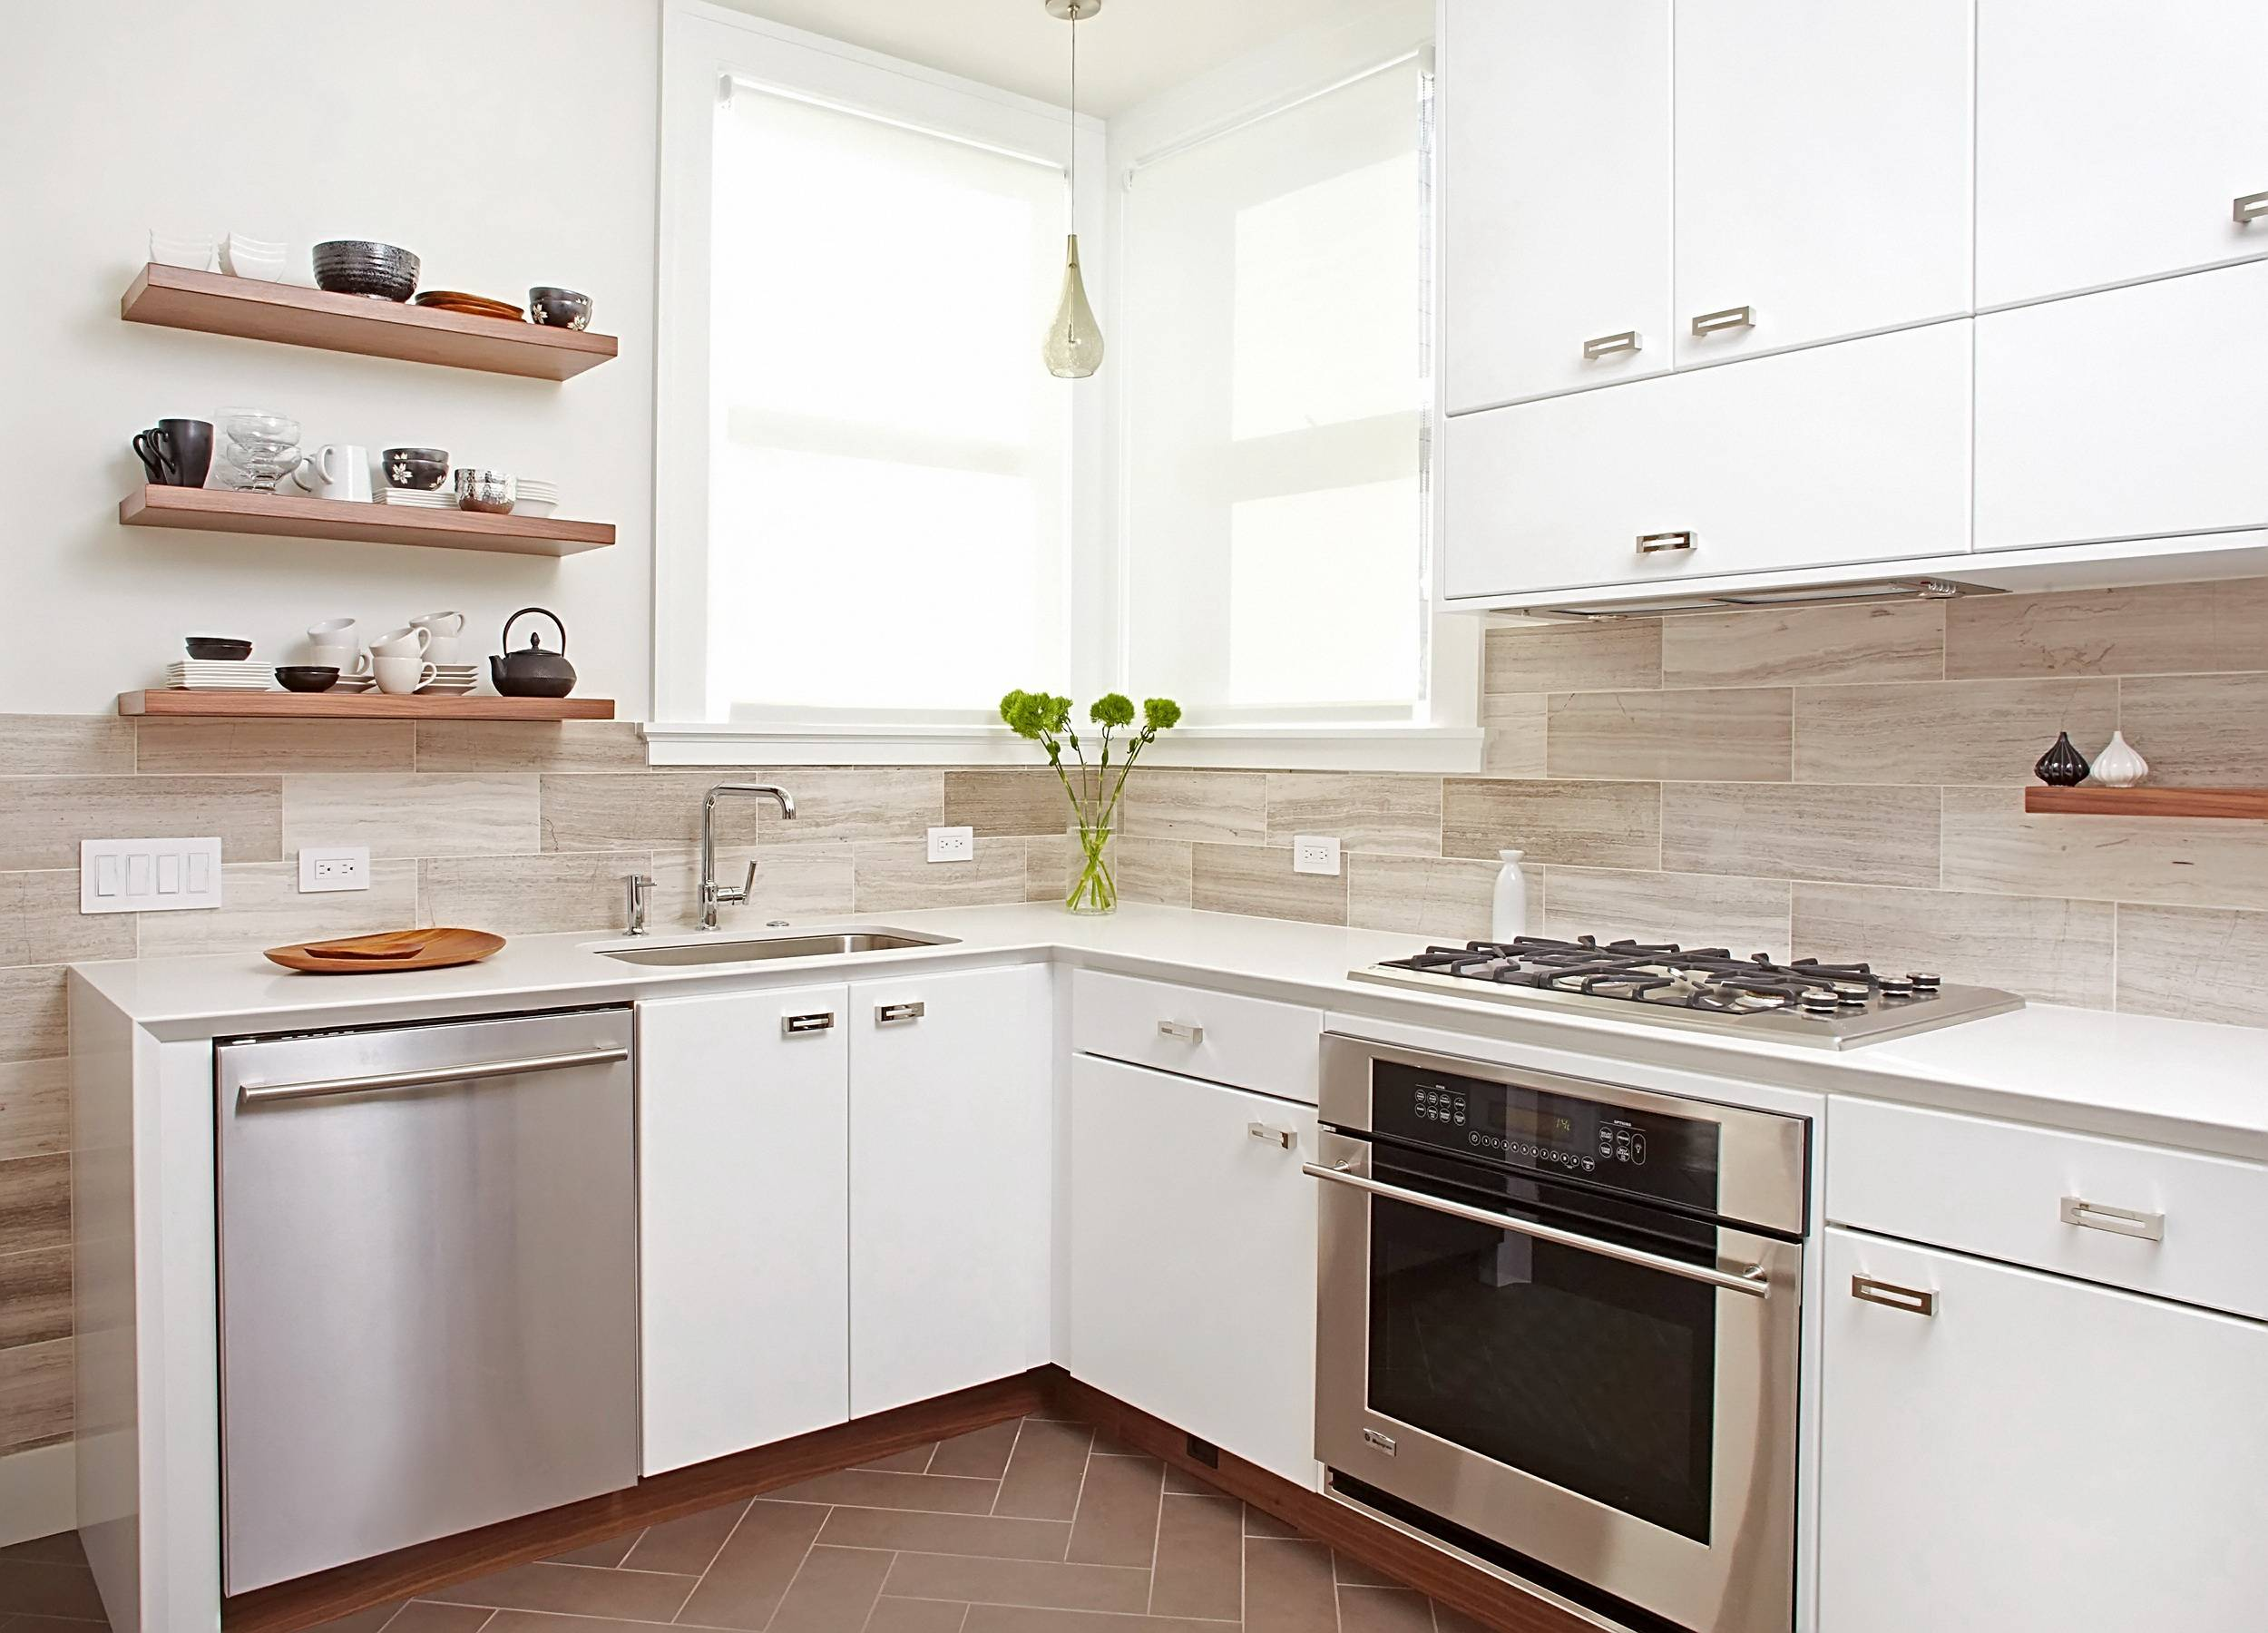 Освещение на кухне: новинки дизайна 2020 года. топ -200 фото оригинальных идей